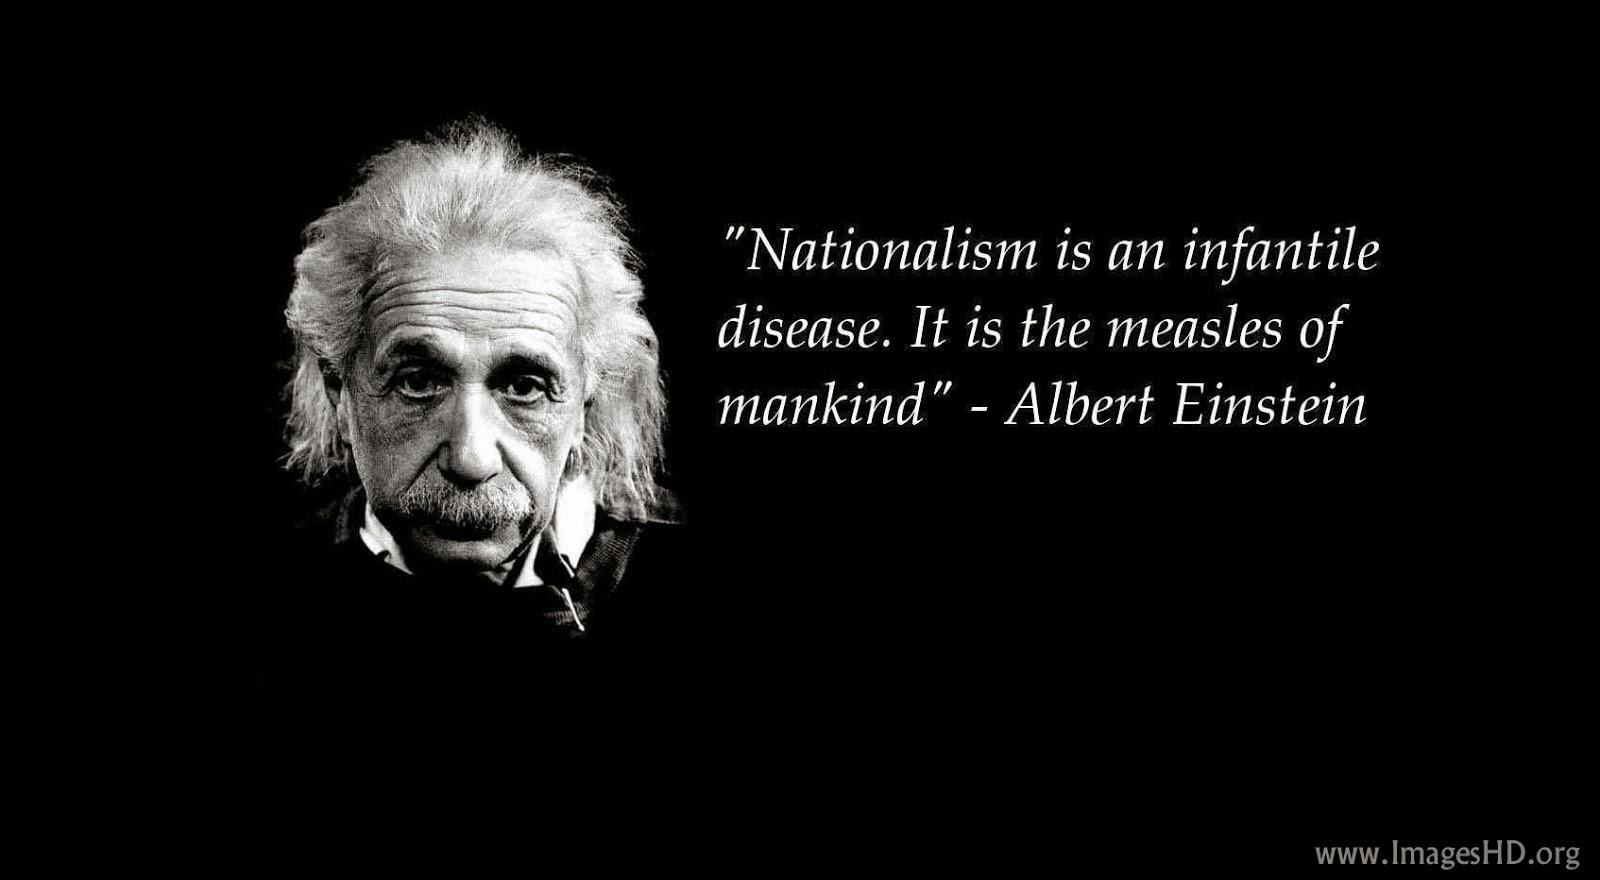 Albert einstein quotes wallpaper hd quotesgram - Albert einstein wallpaper ...